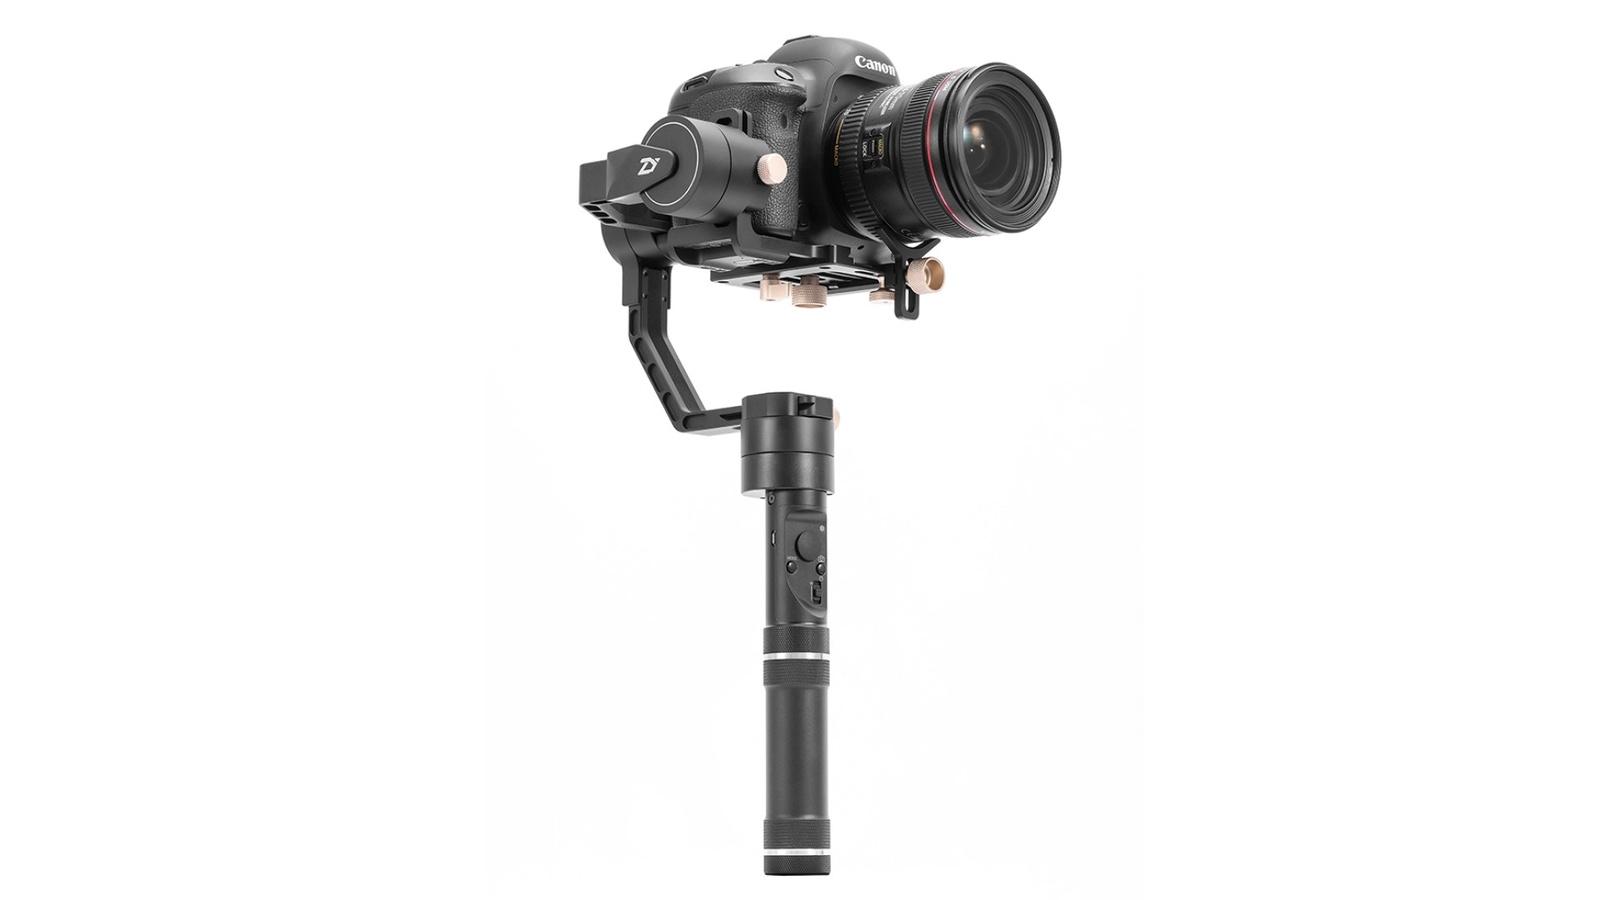 Стабилизатор для камеры Zhiyun Электронный стедикам Crane Plus 2018, черный цена